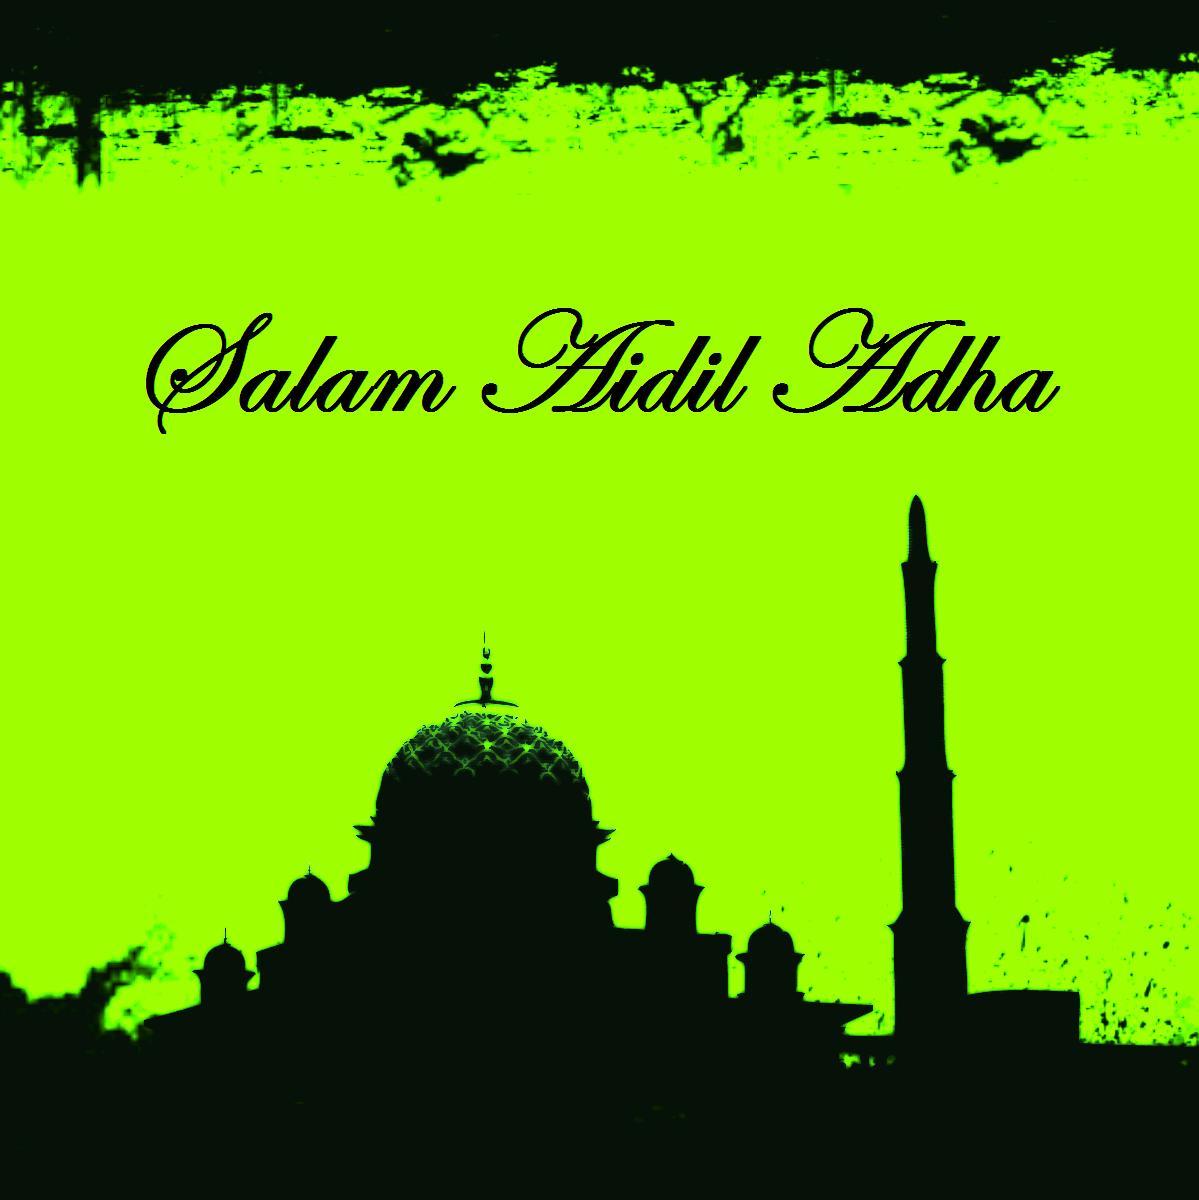 Wishing All Muslim A Happy Hari Raya Haji. - Hari Raya Haji PNG